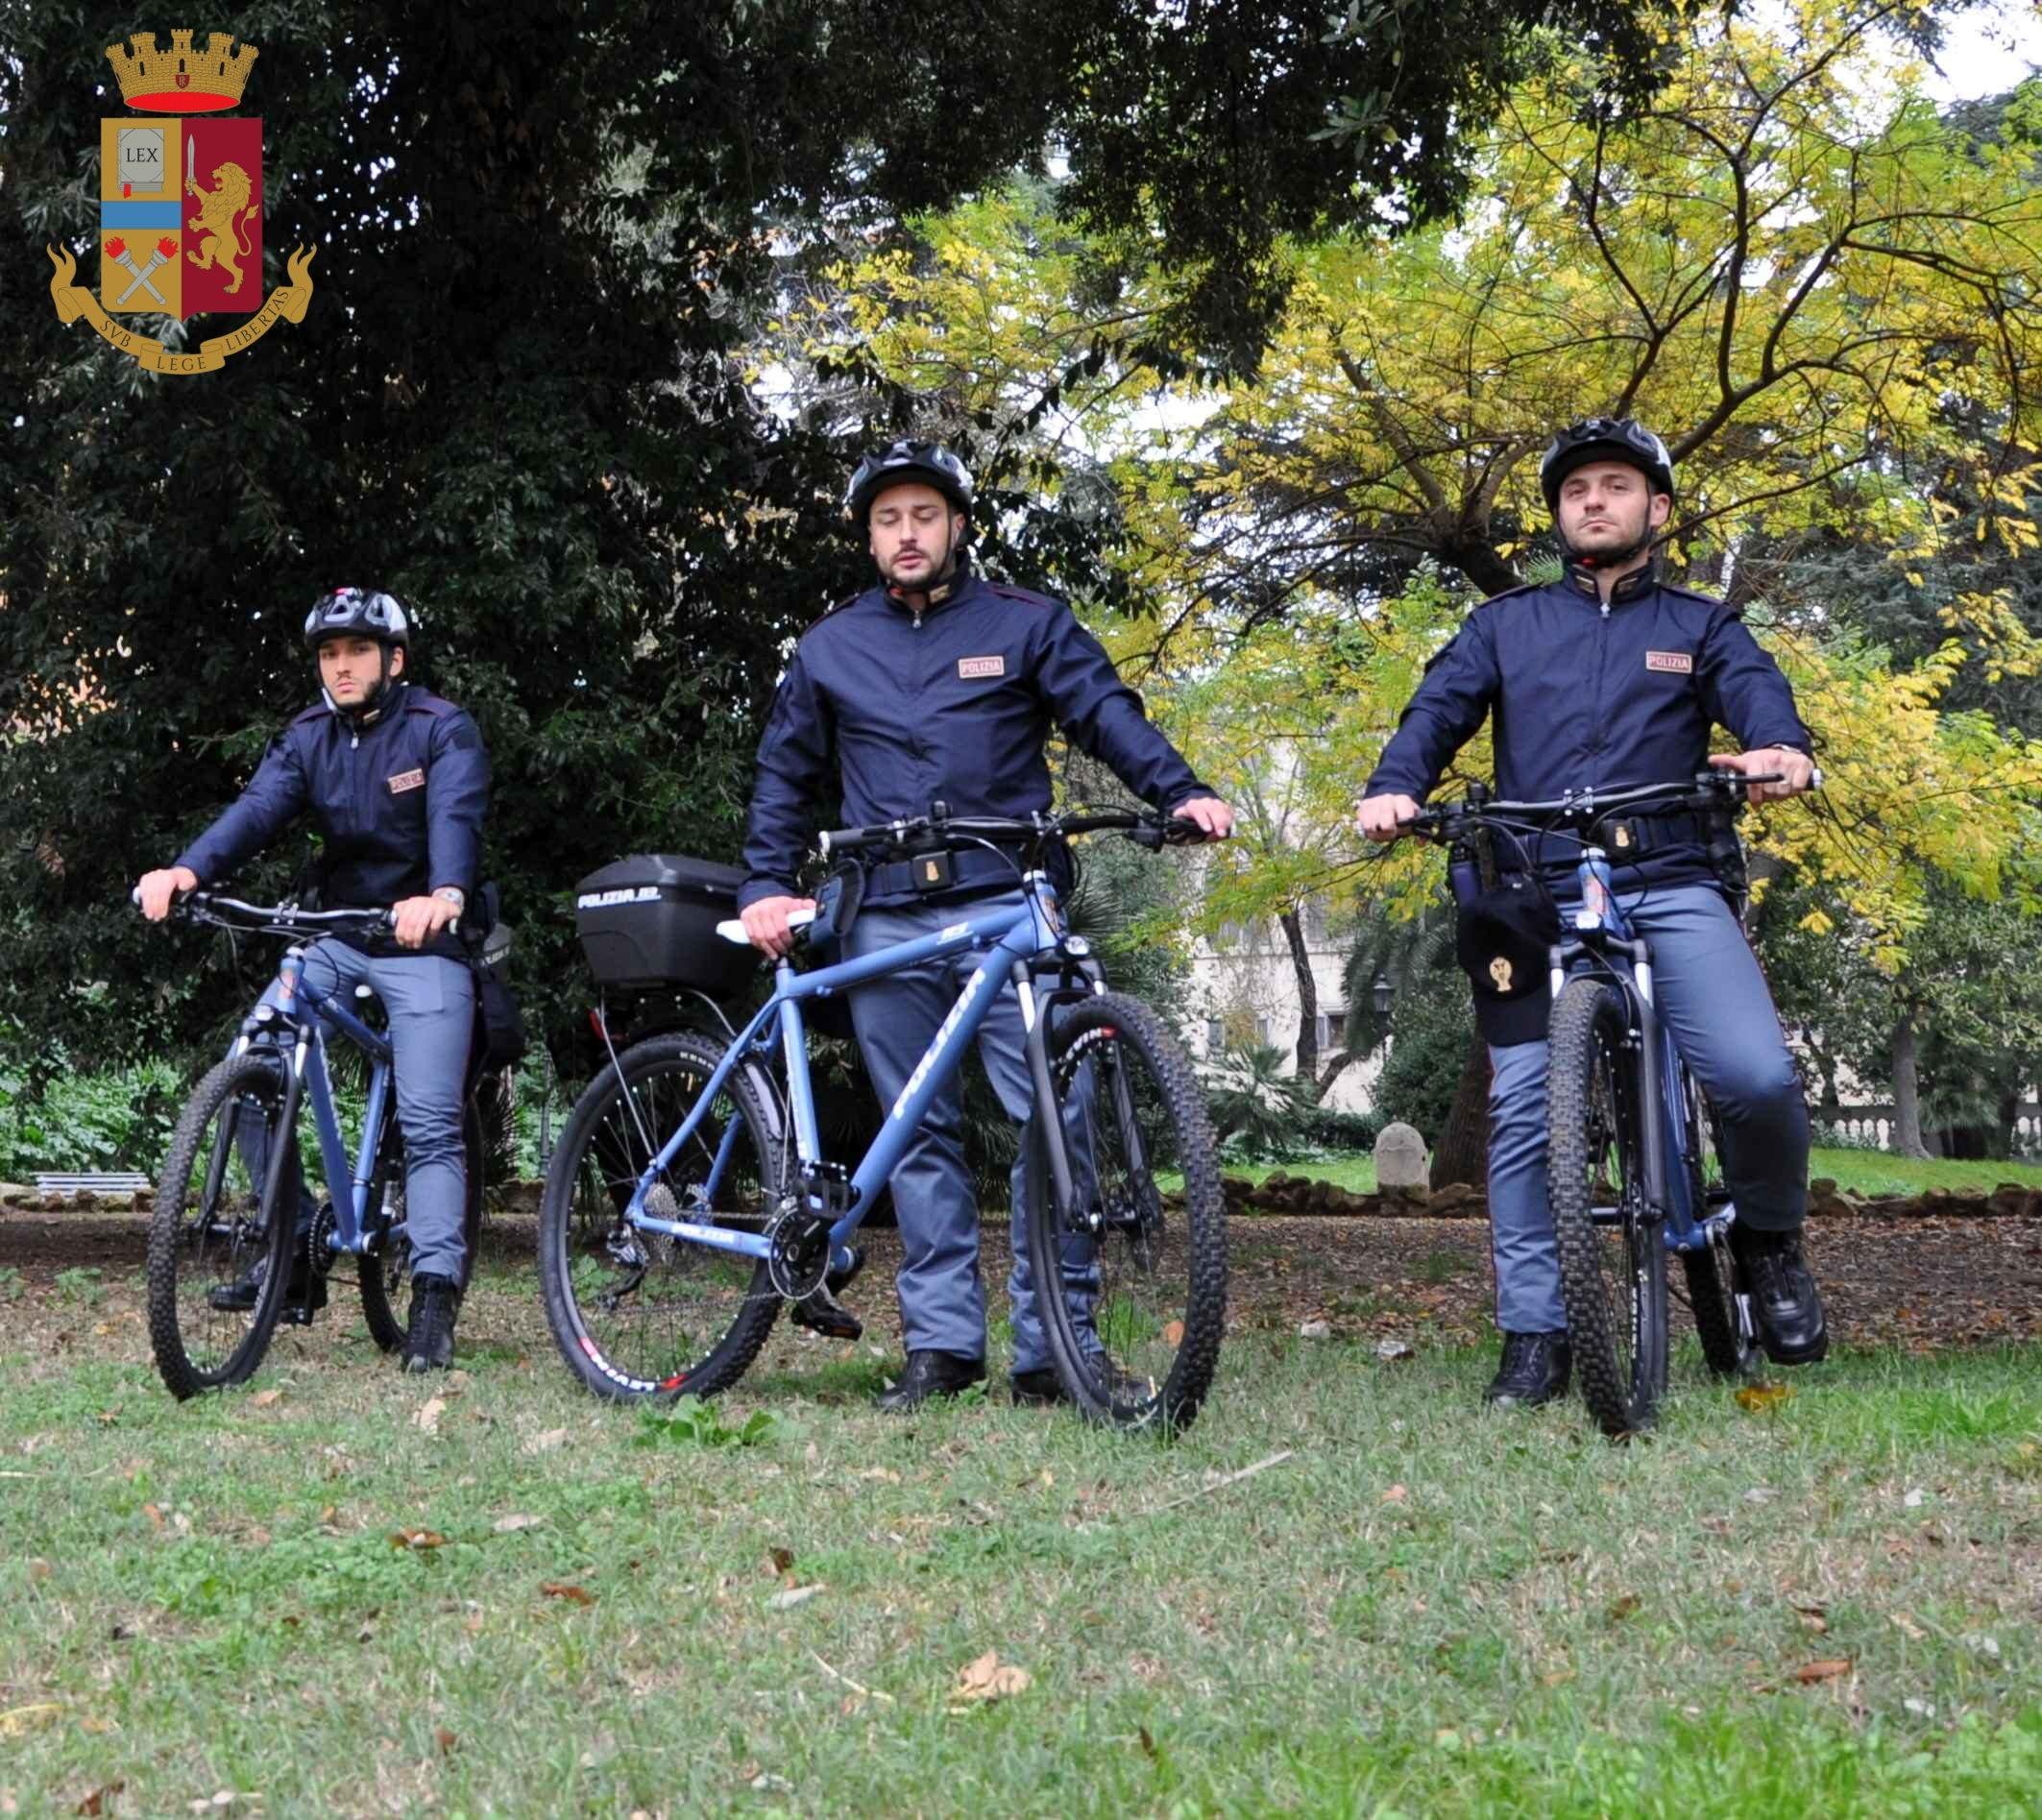 Maniaco sessuale arrestato a Villa Borghese dai poliziotti bikers